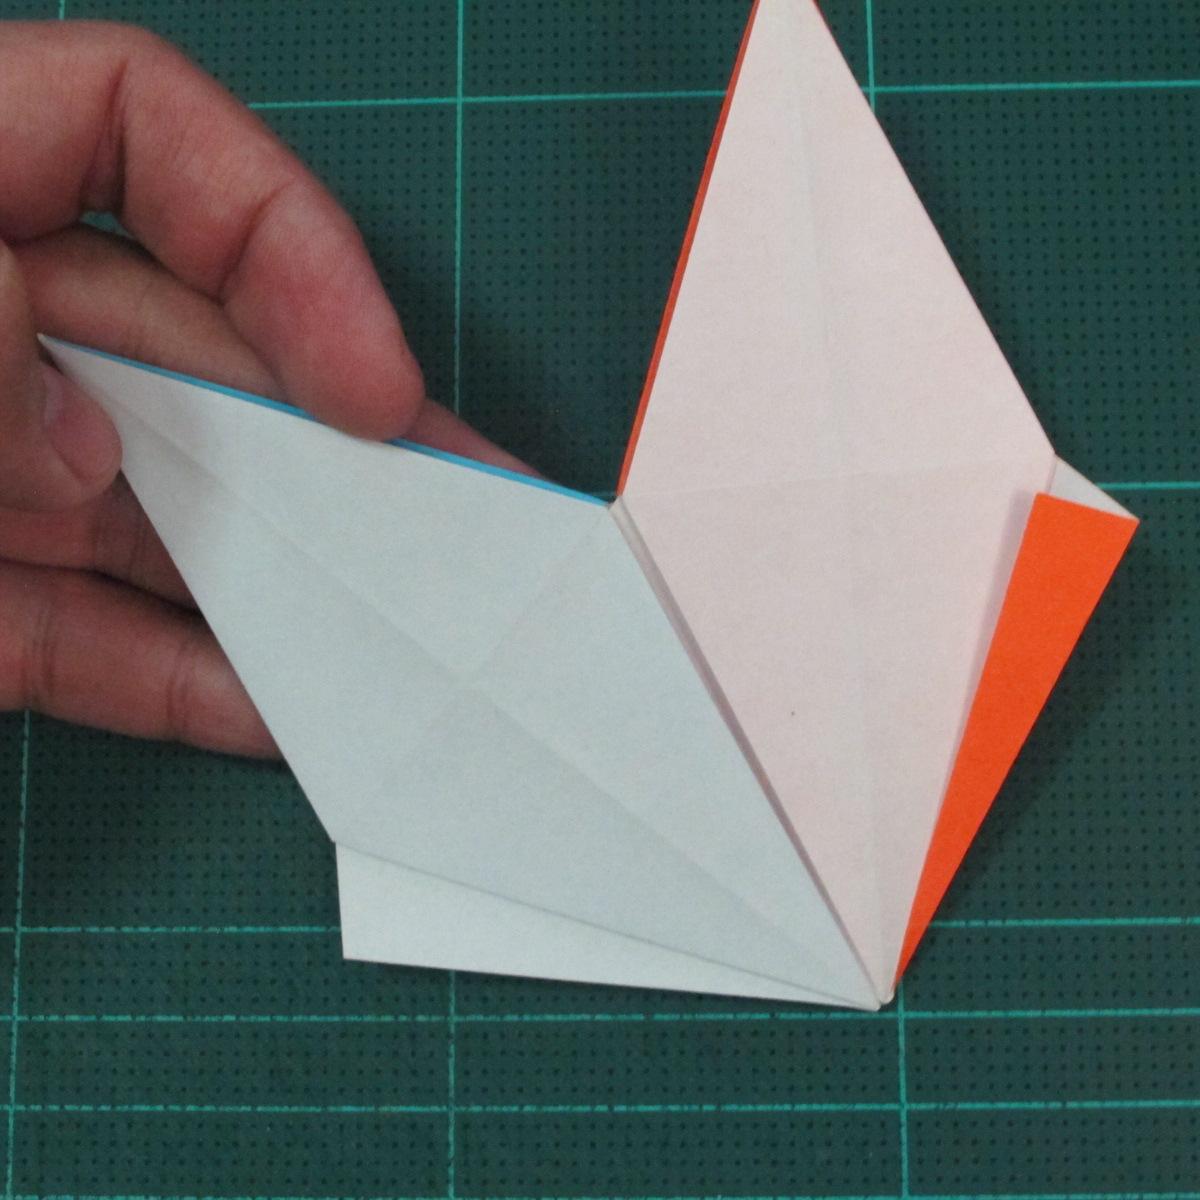 วิธีพับกระดาษเป็นถาดใส่ขนมรูปดาวแปดแฉก (Origami Eight Point Star Candy Tray) 021